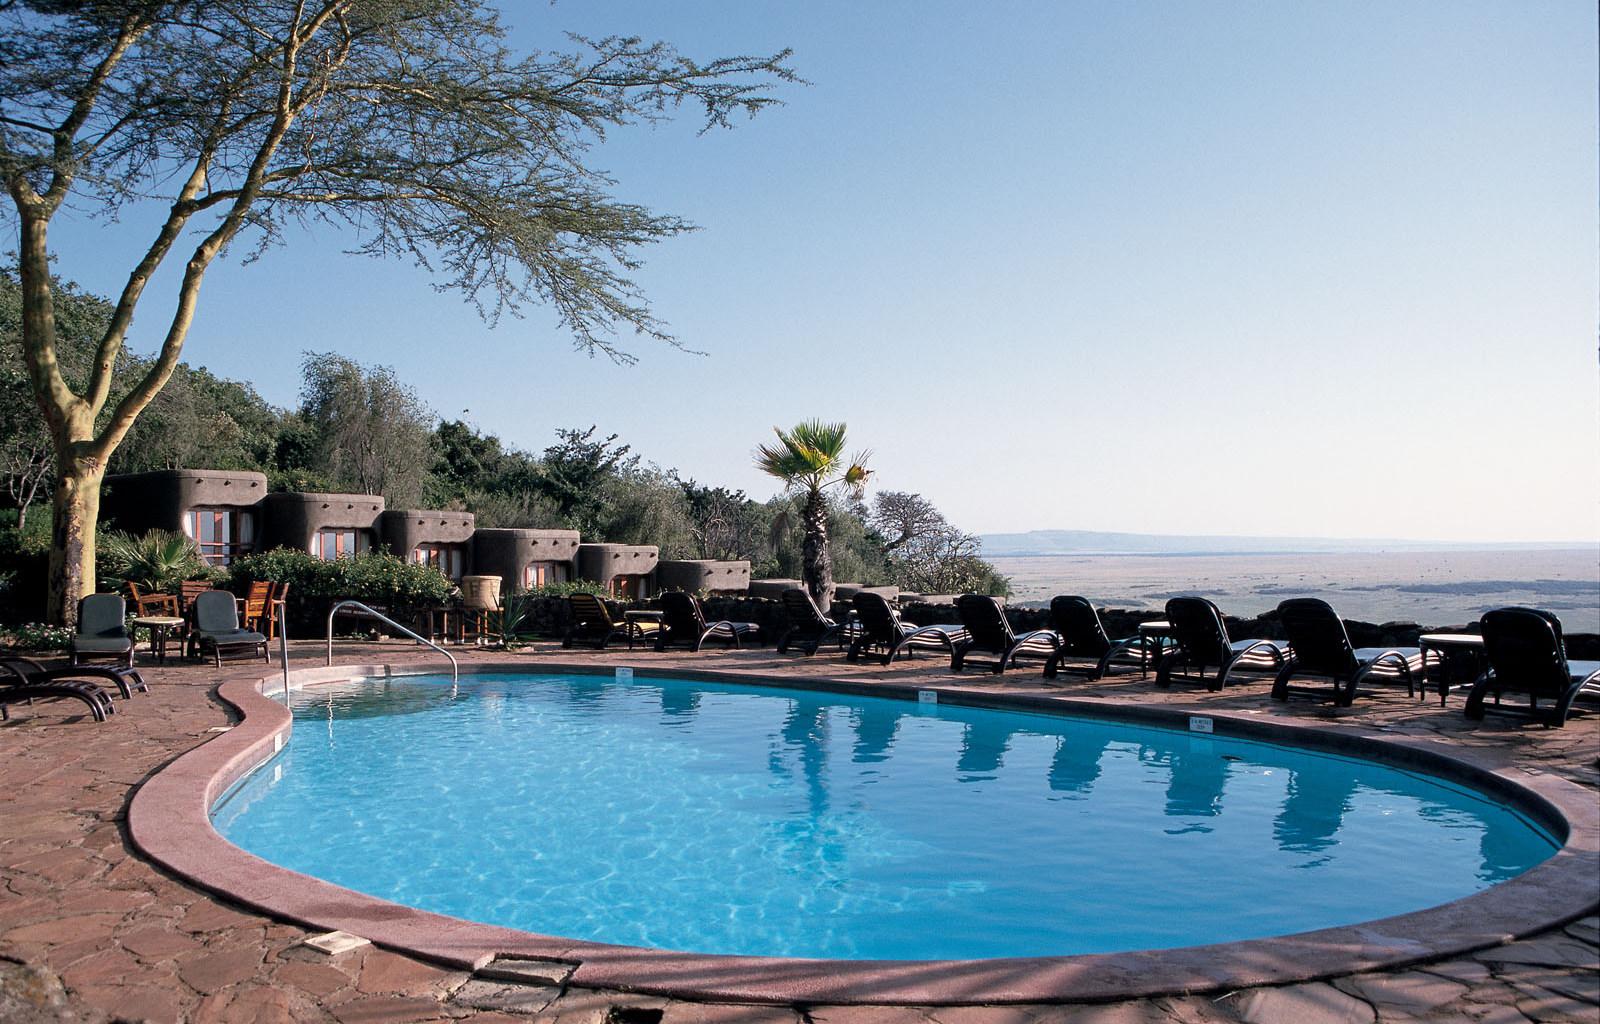 ~見晴らしの良いマラセレナに3連泊~マサイマラへは国内線でひとっ飛び!ケニア・マサイマラBIG5 7日間<カード決済OK!>